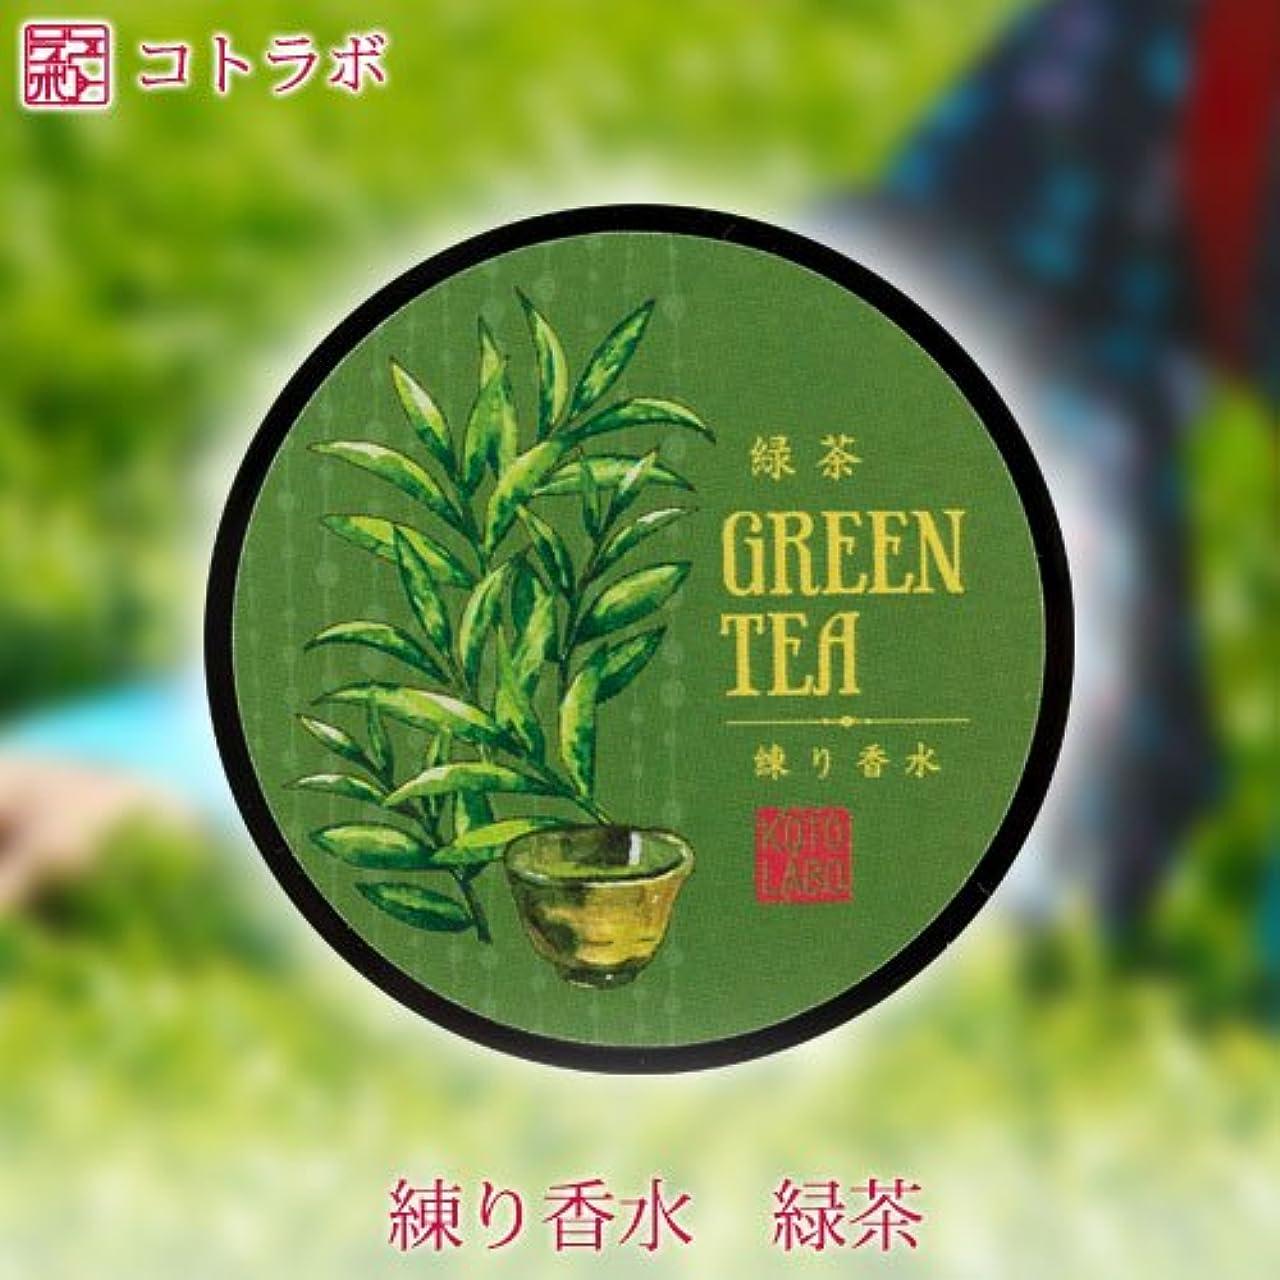 証拠始める落花生コトラボ練り香水京都謹製緑茶グリーンティーフローラルの香りソリッドパフュームKotolabo solid perfume, Green tea